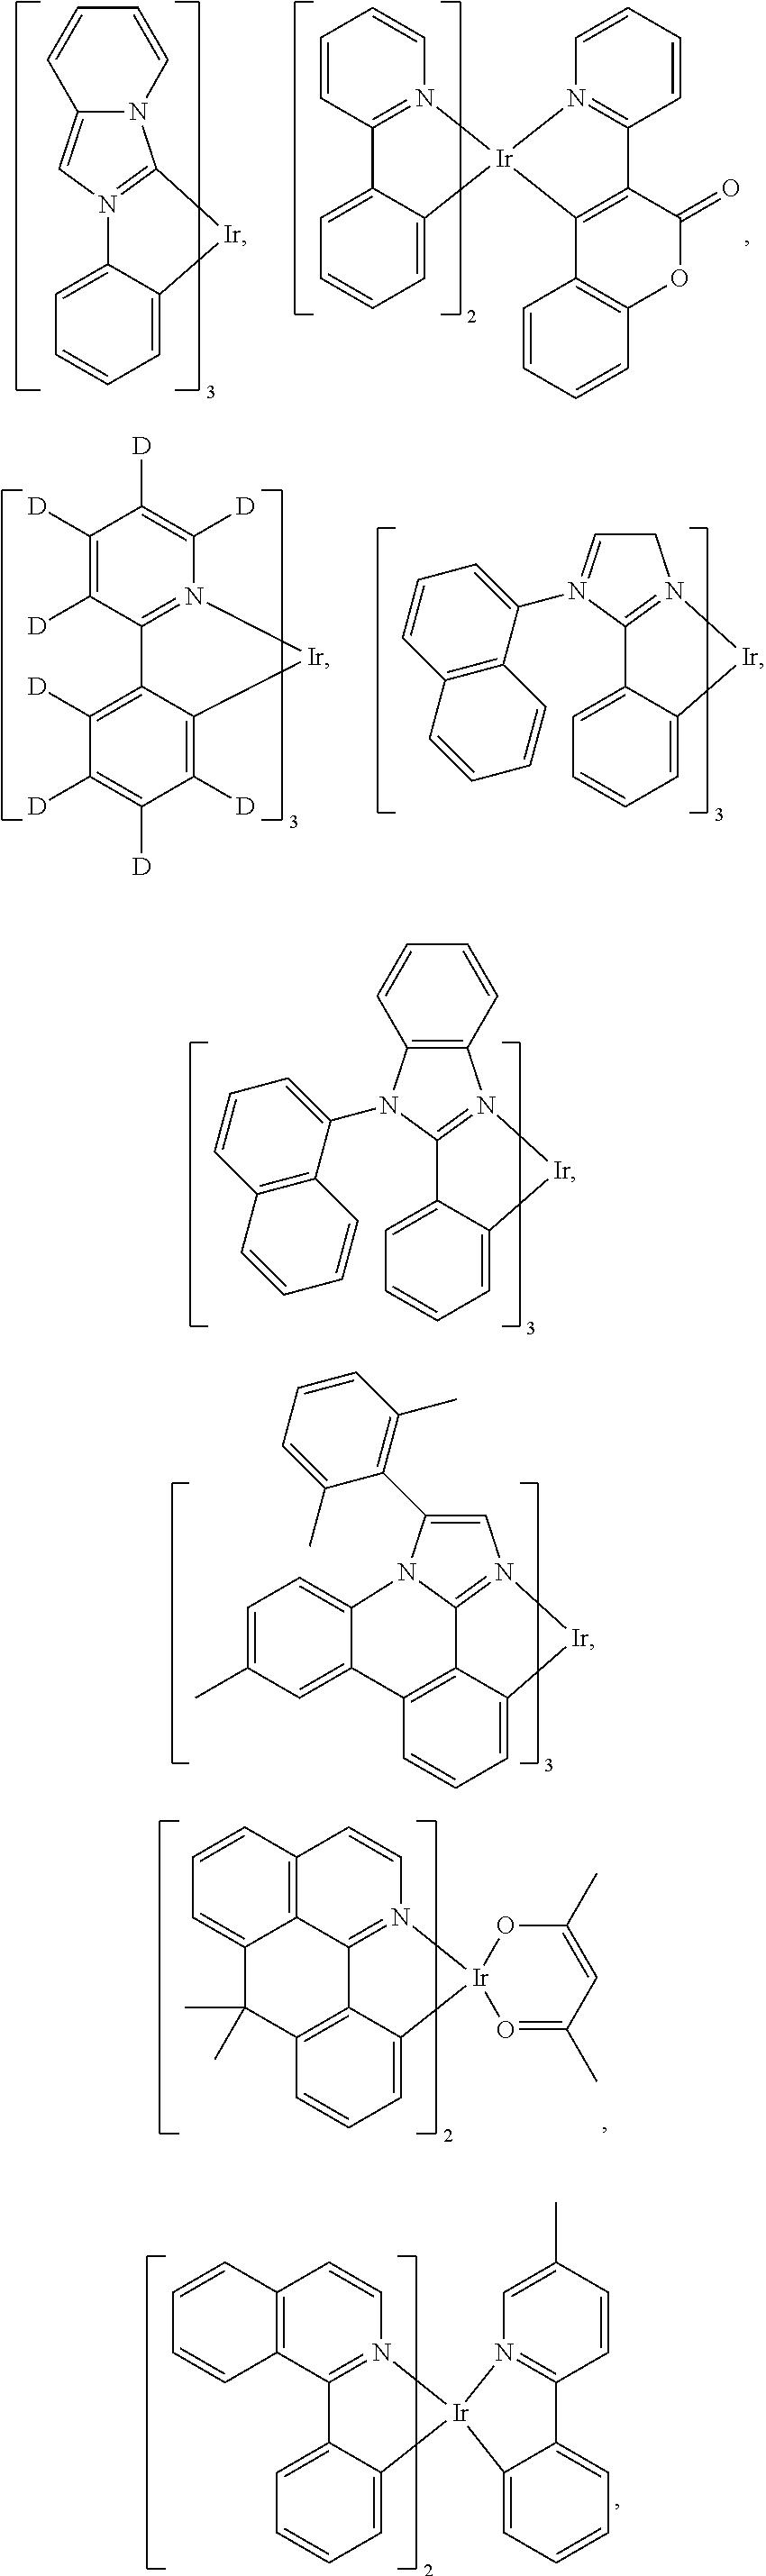 Figure US20180130962A1-20180510-C00194